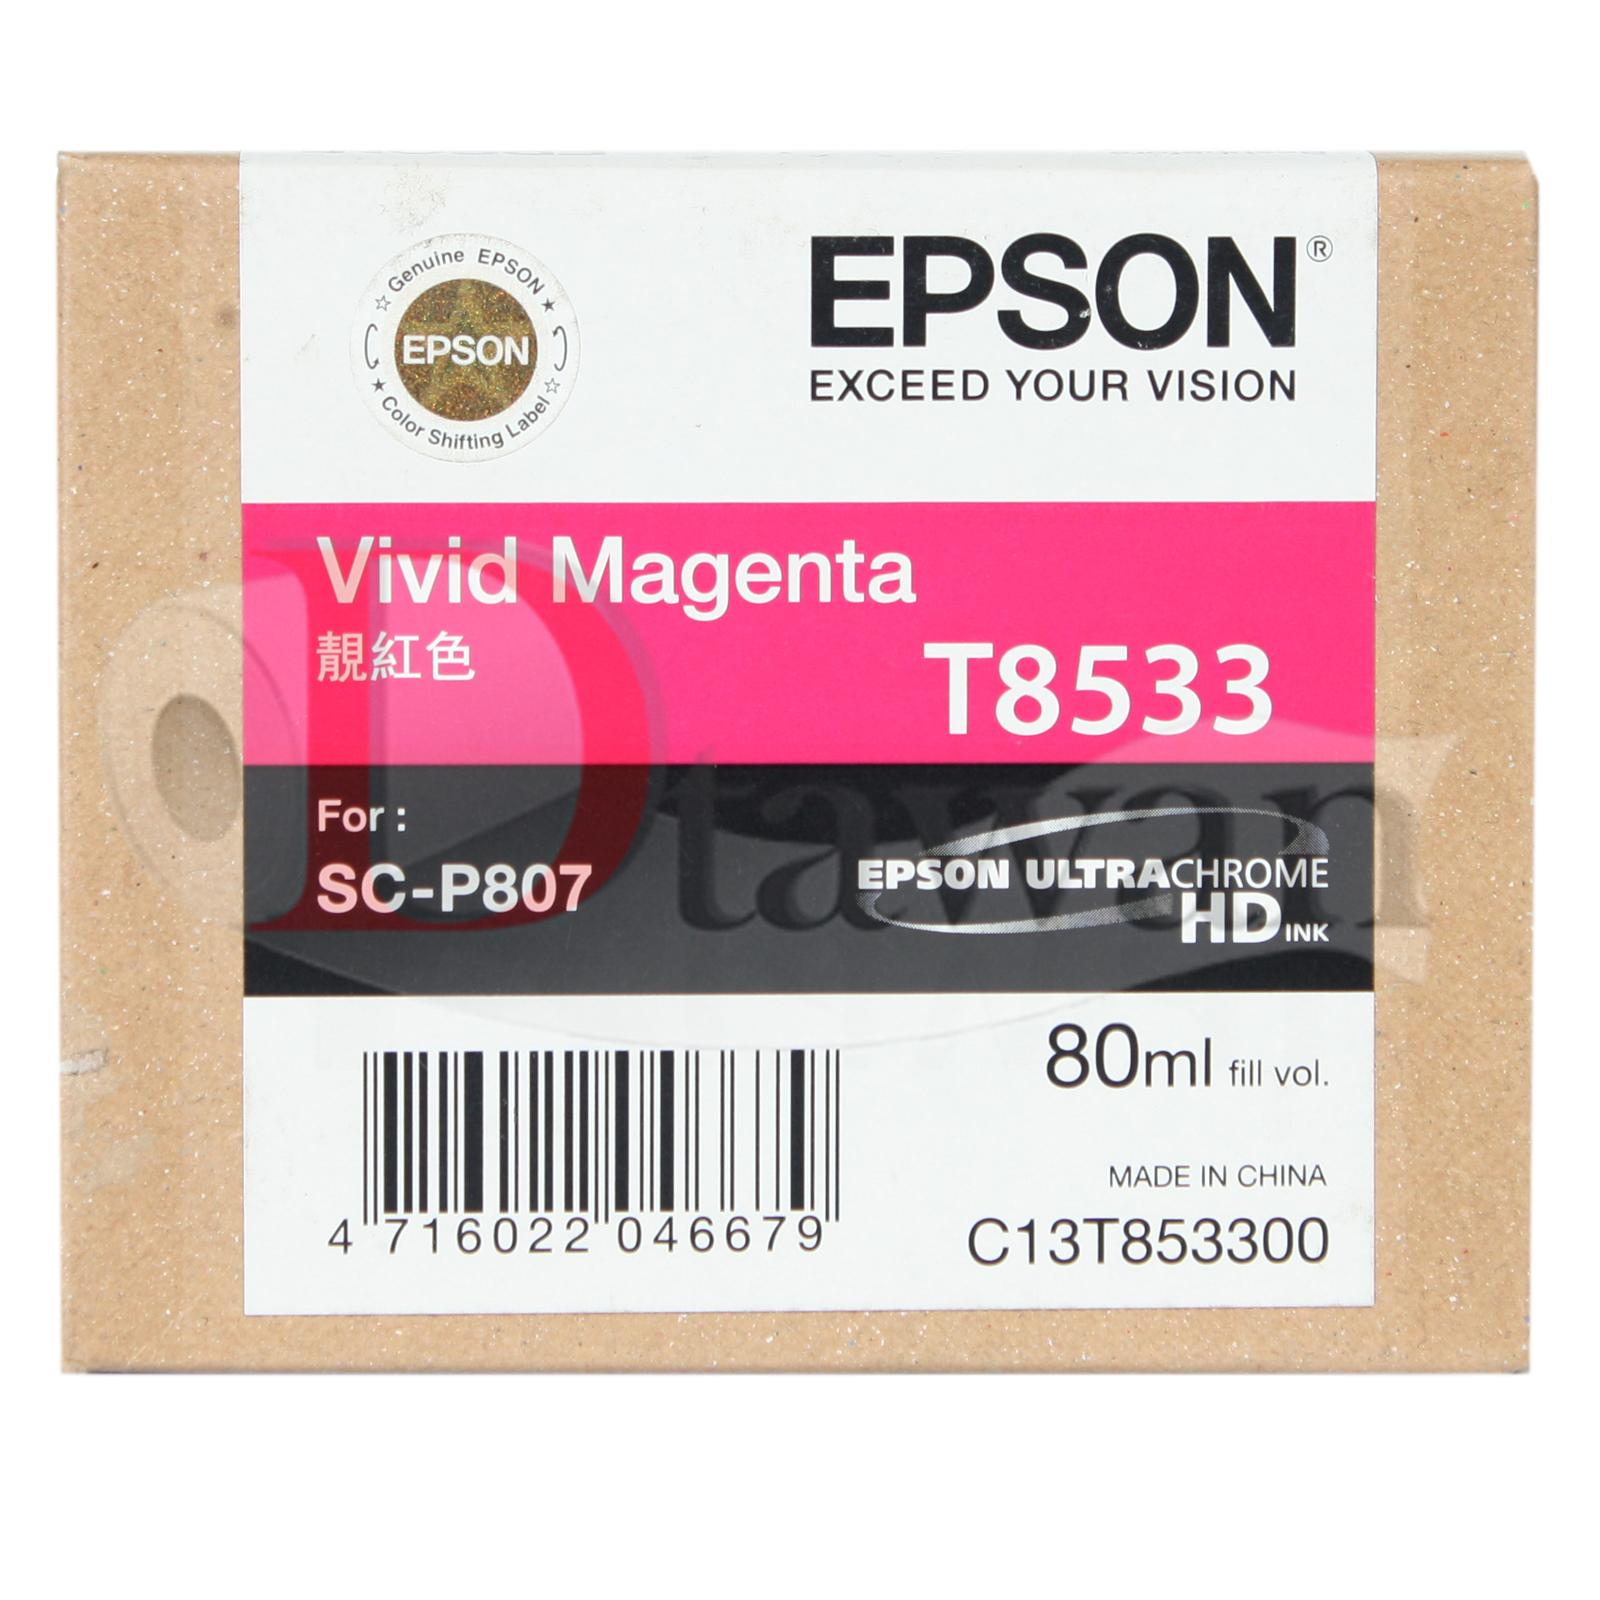 ตลับหมึกสำหรับ EPSON P807 รหัส T8533 สี Vivid Magenta